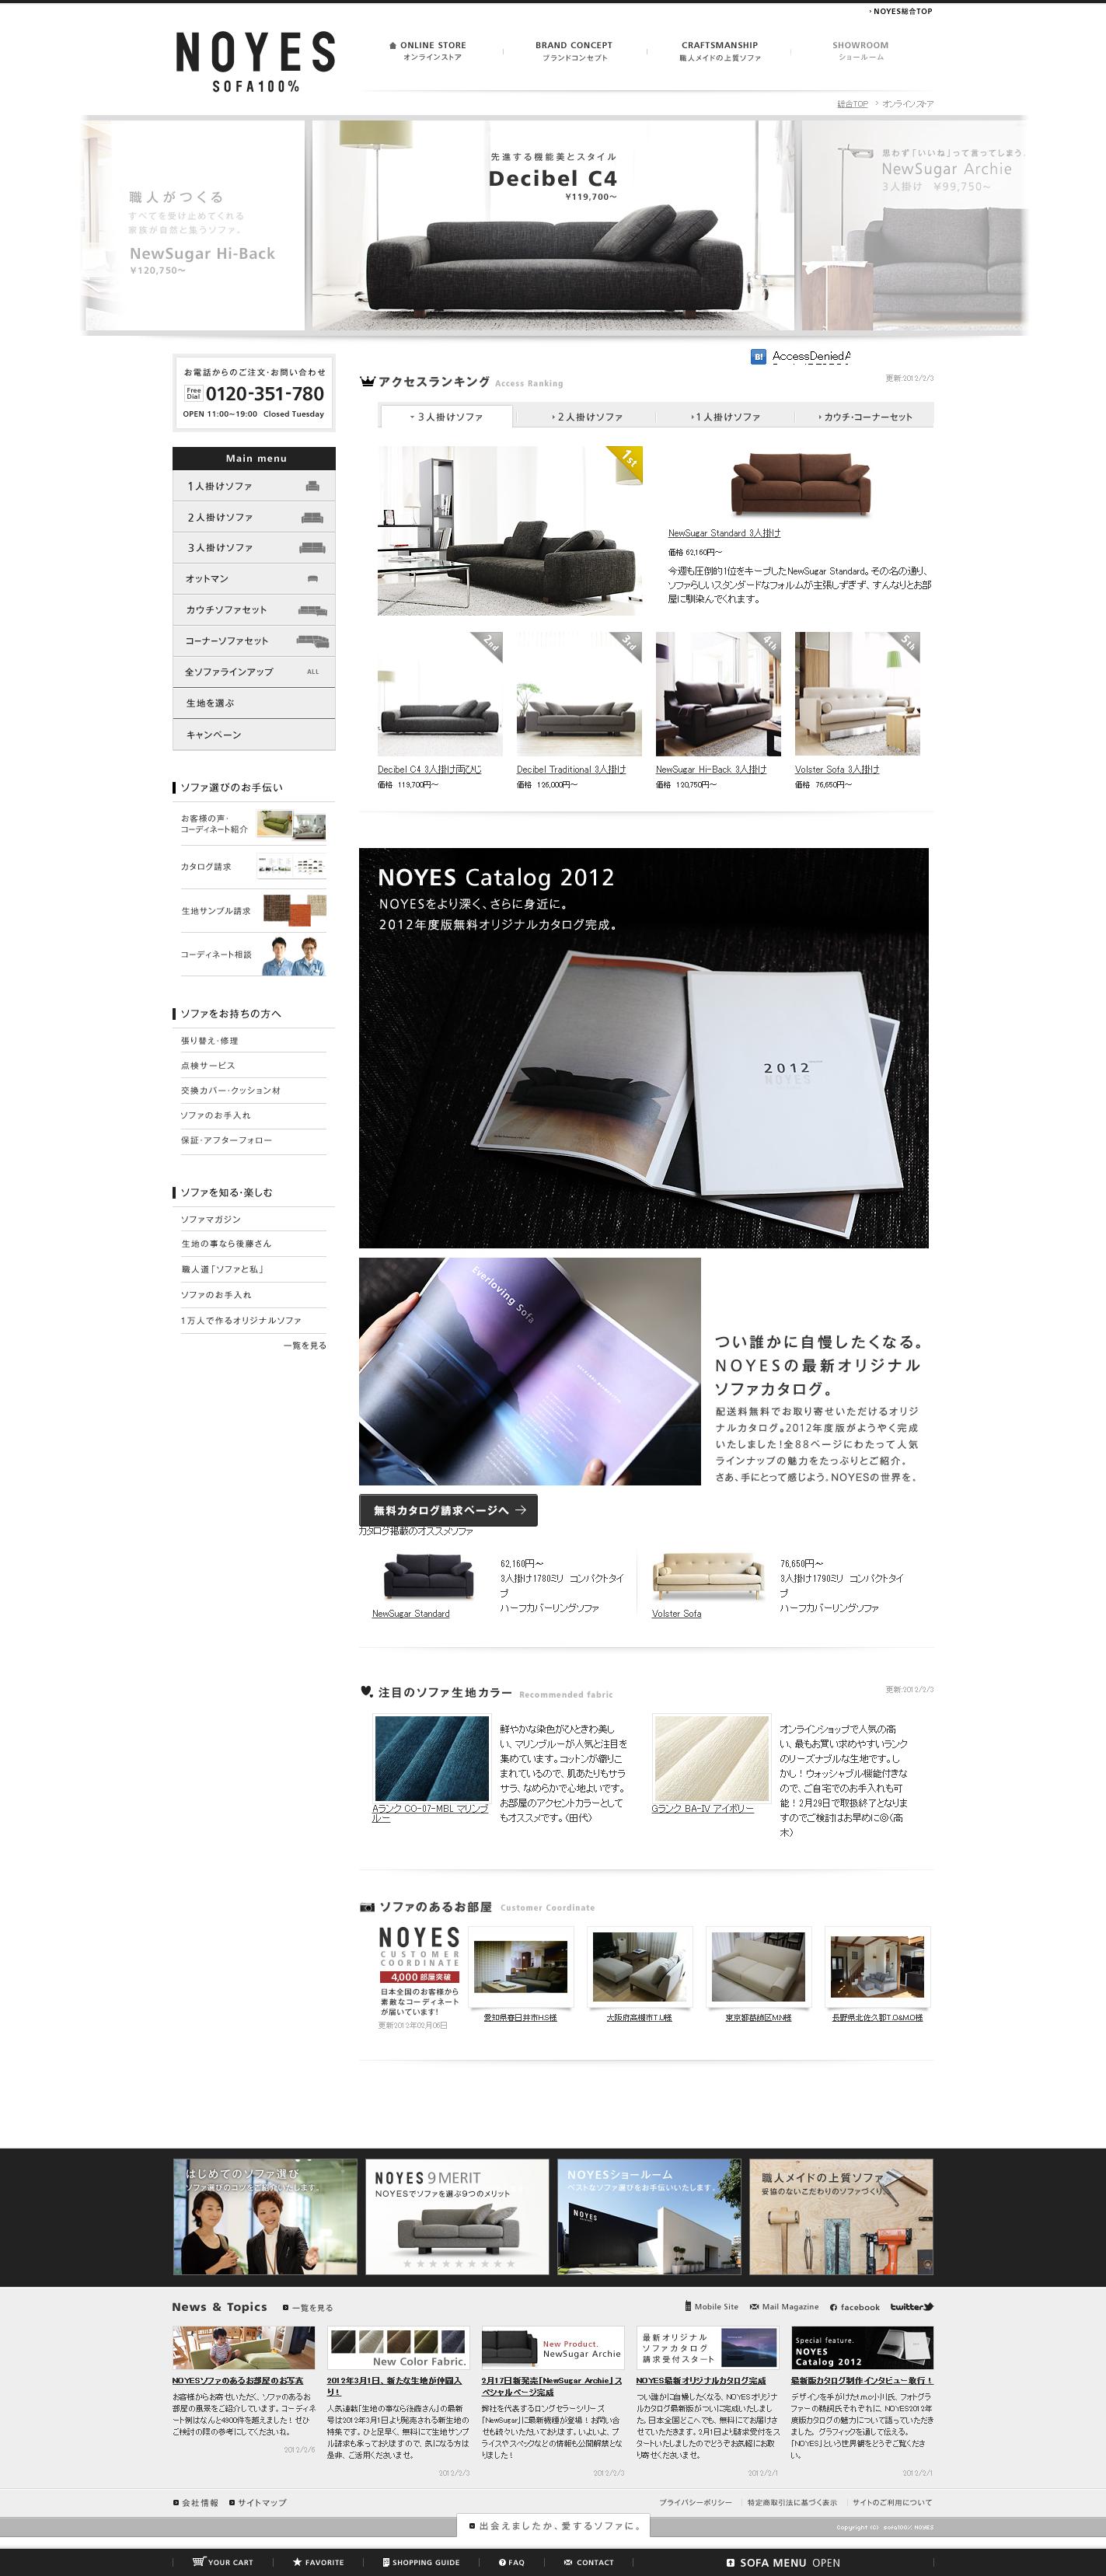 20120207005533ソファ職人が作る上質なソファをお届けするオンラインストア|ソファ専門店 NOYES.png